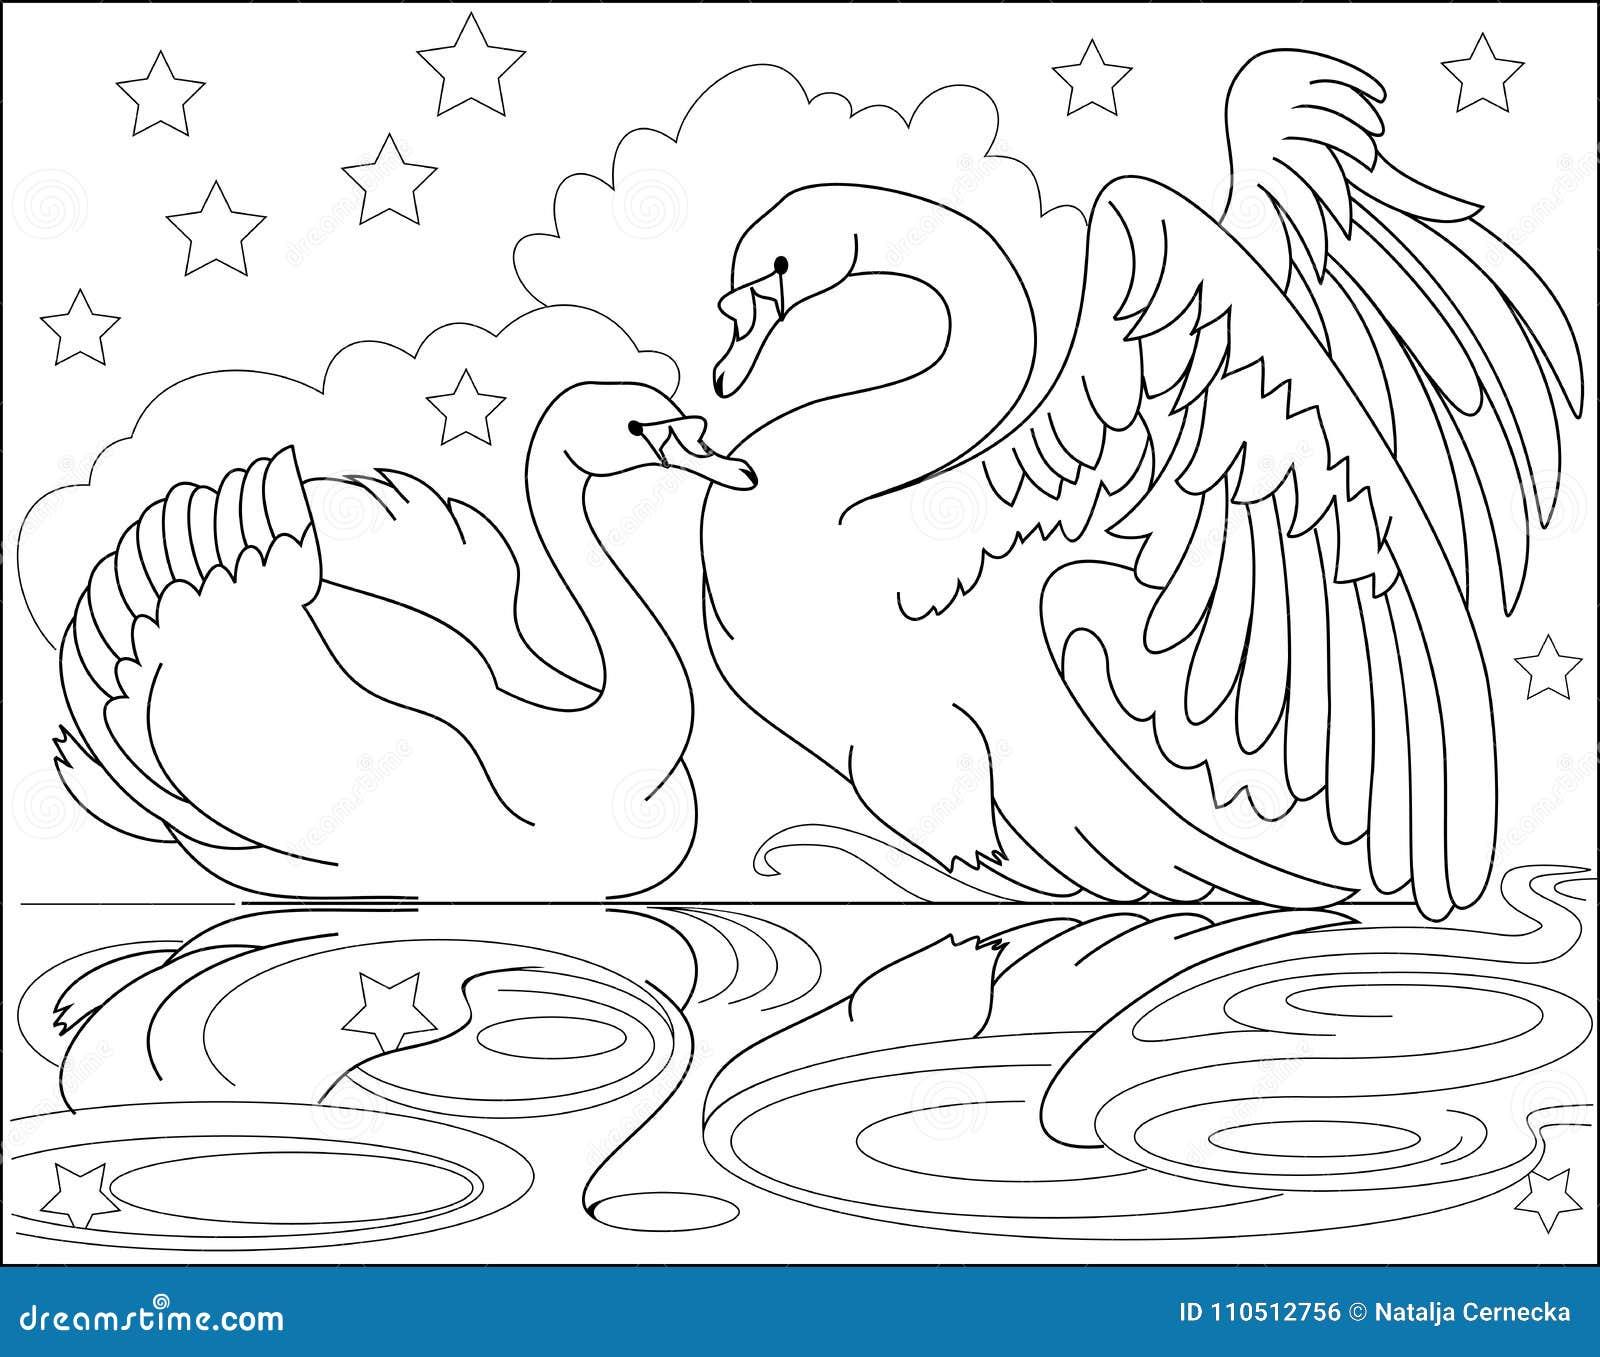 Página Blanco Y Negro Para Colorear Dibujo De Los Cisnes Hermosos De